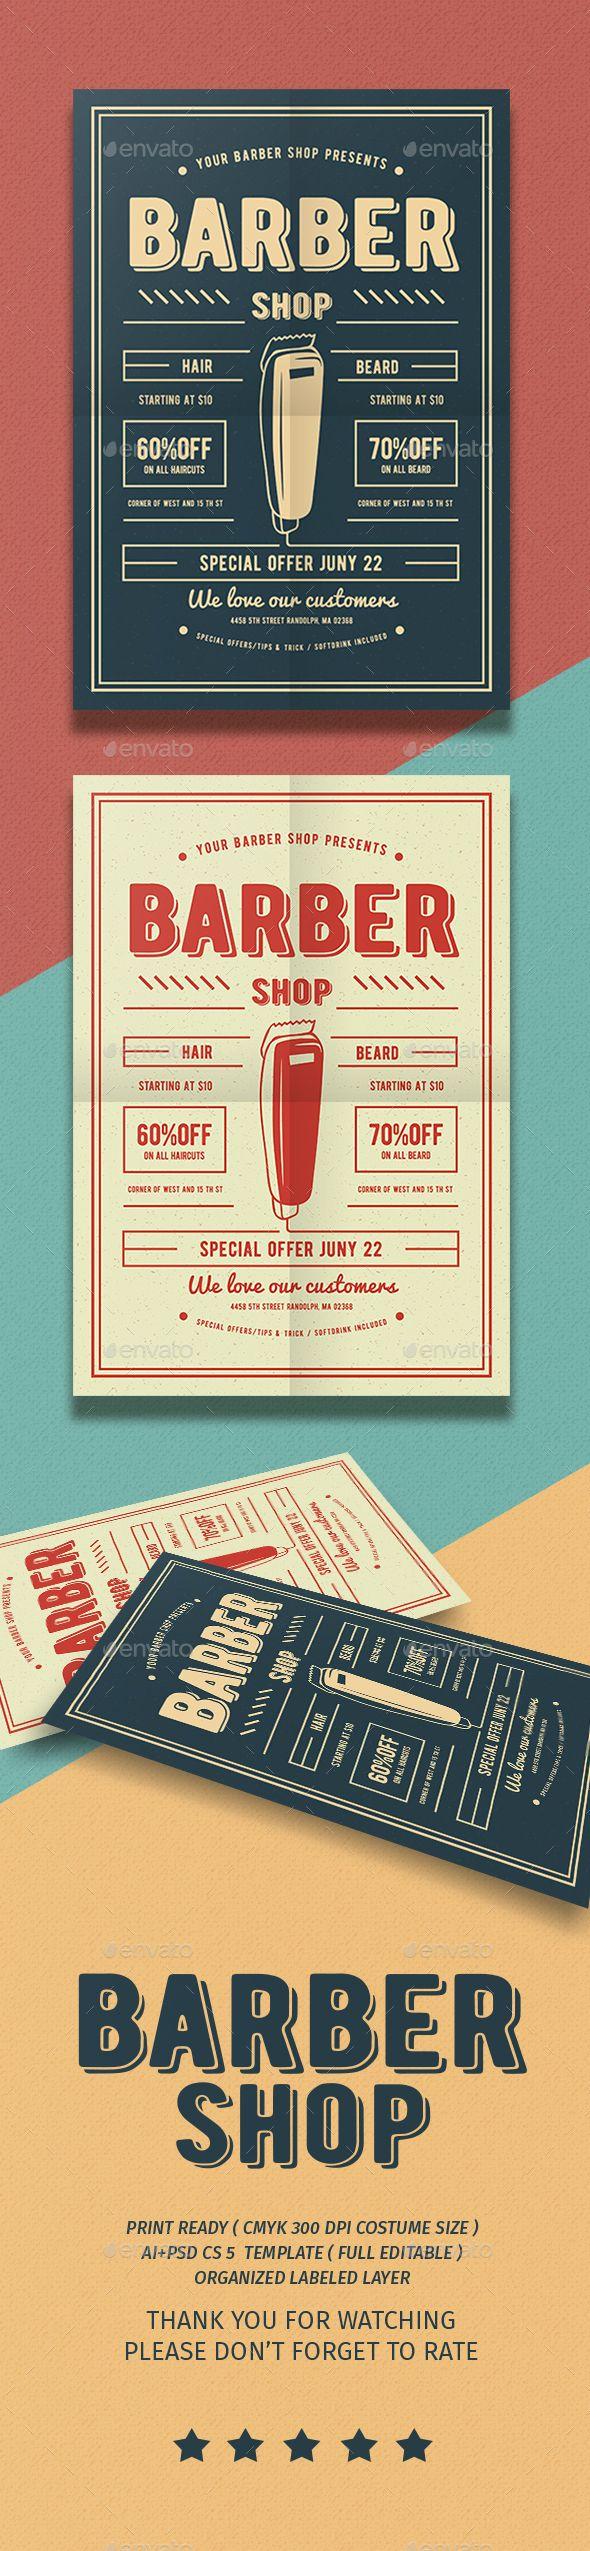 Barber Shop Flyer | Barbería, Barberia y Diseño digital